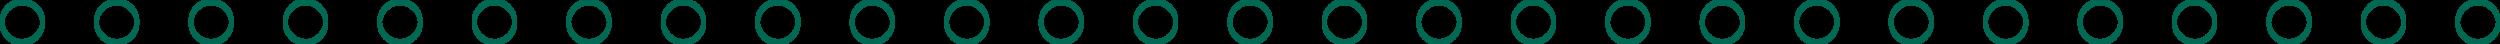 GreenDotsGraphicSeparator.png